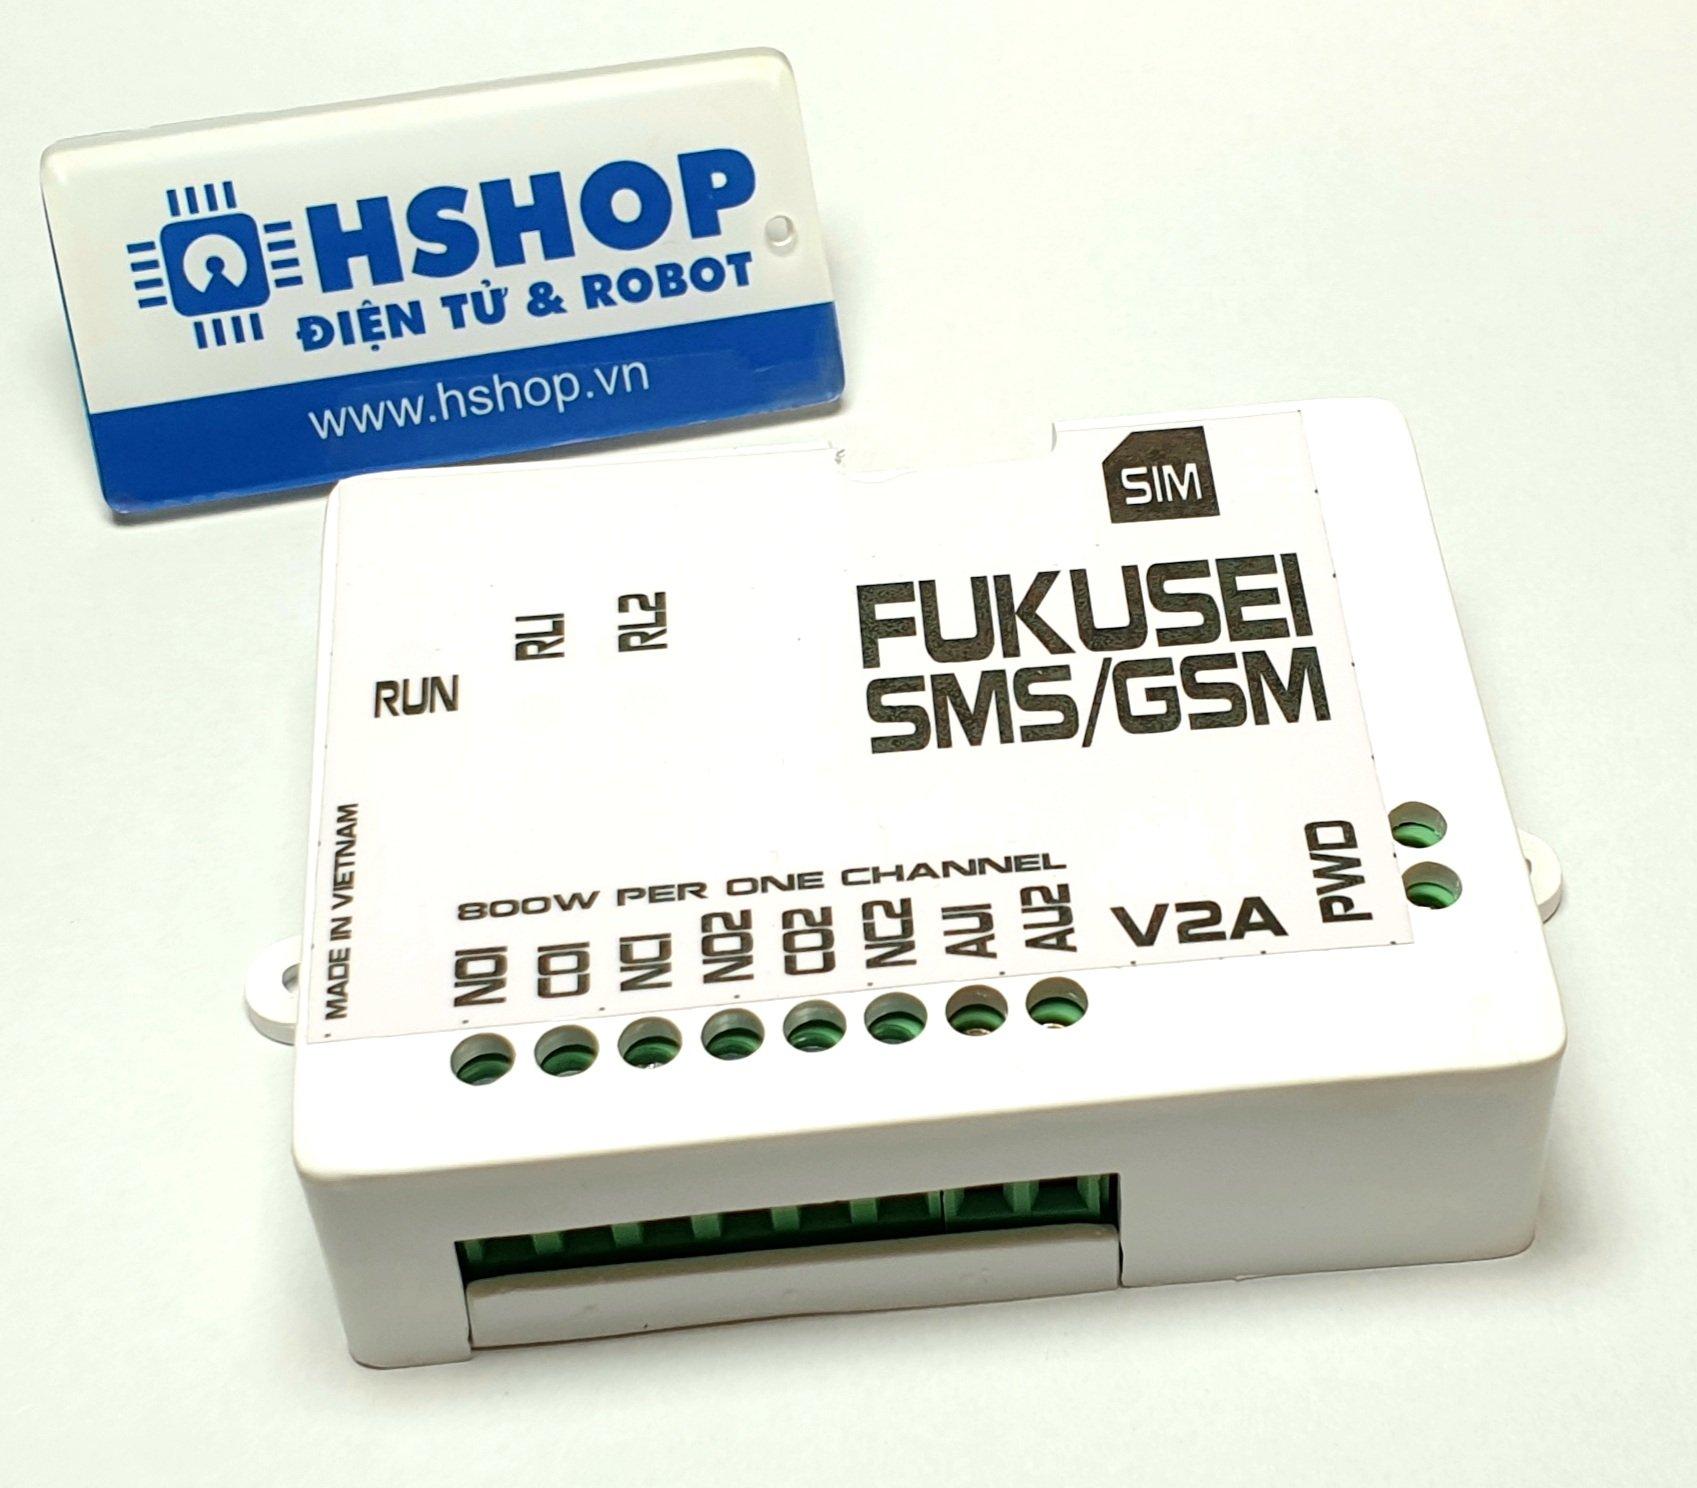 Bộ điều khiển 2 thiết bị qua điện thoại GSM Fukusei